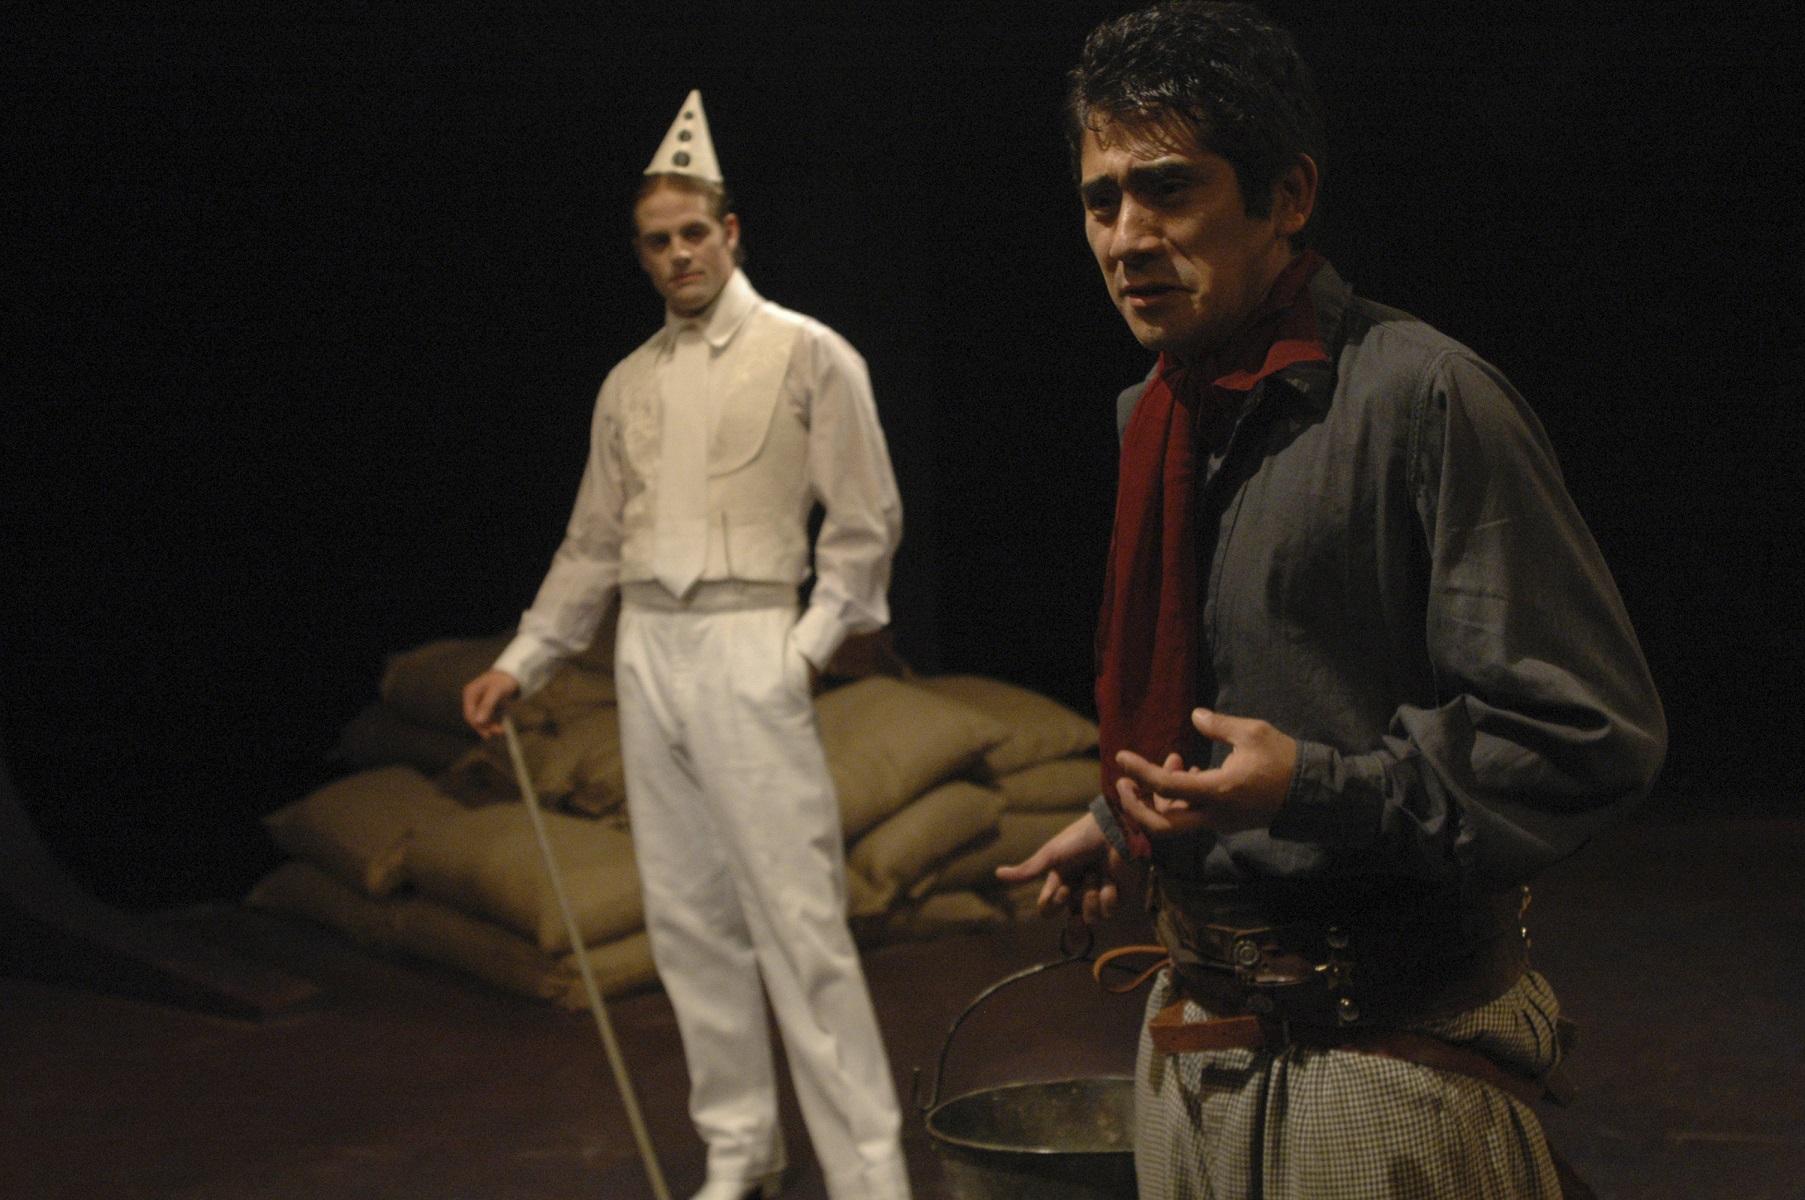 El sábado 4 de julio a las 20 hs., se ofrecerá a través de las plataformas Cultura en Casa y la web del Complejo Teatral de Buenos Aires,El niño argentino, escrita y dirigida por Mauricio Kartun.